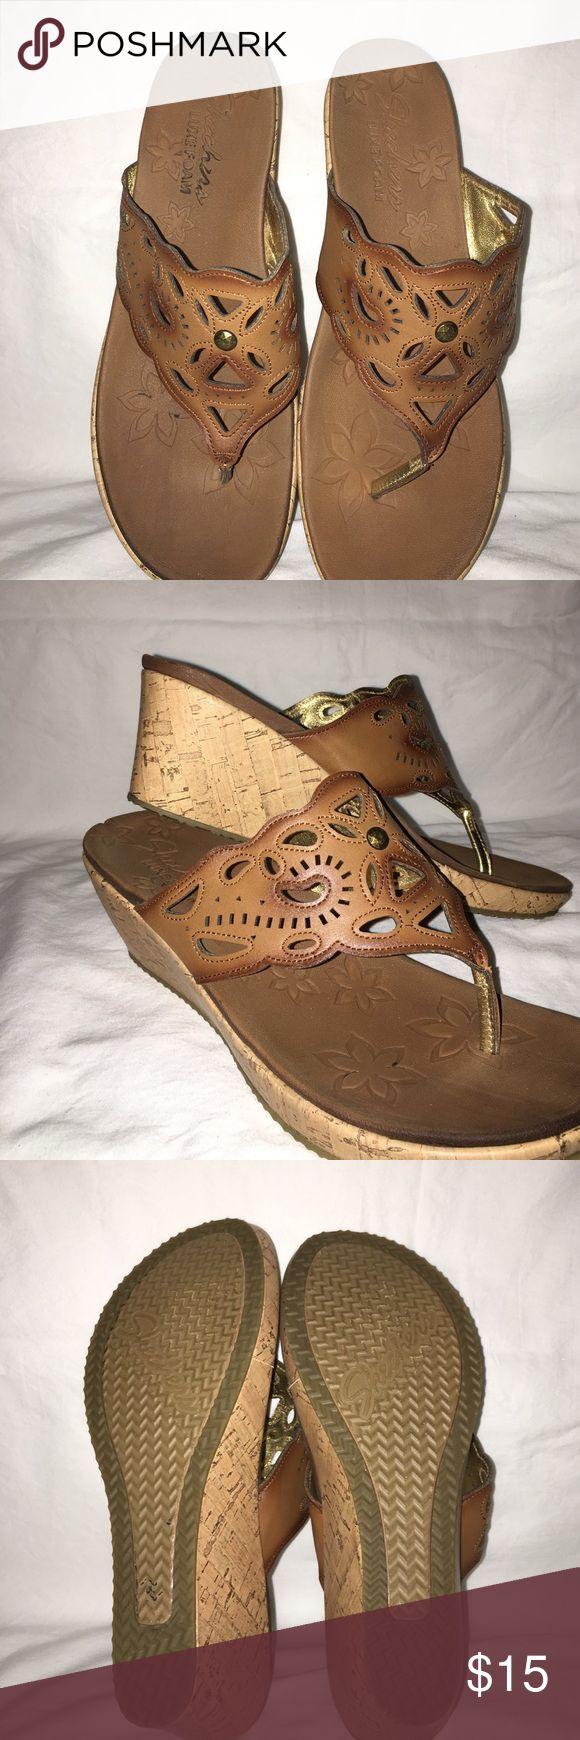 Skechers wedge sandal. Cute wedge sandal. 2 inch wedge. Rarely worn. Skechers Shoes Wedges